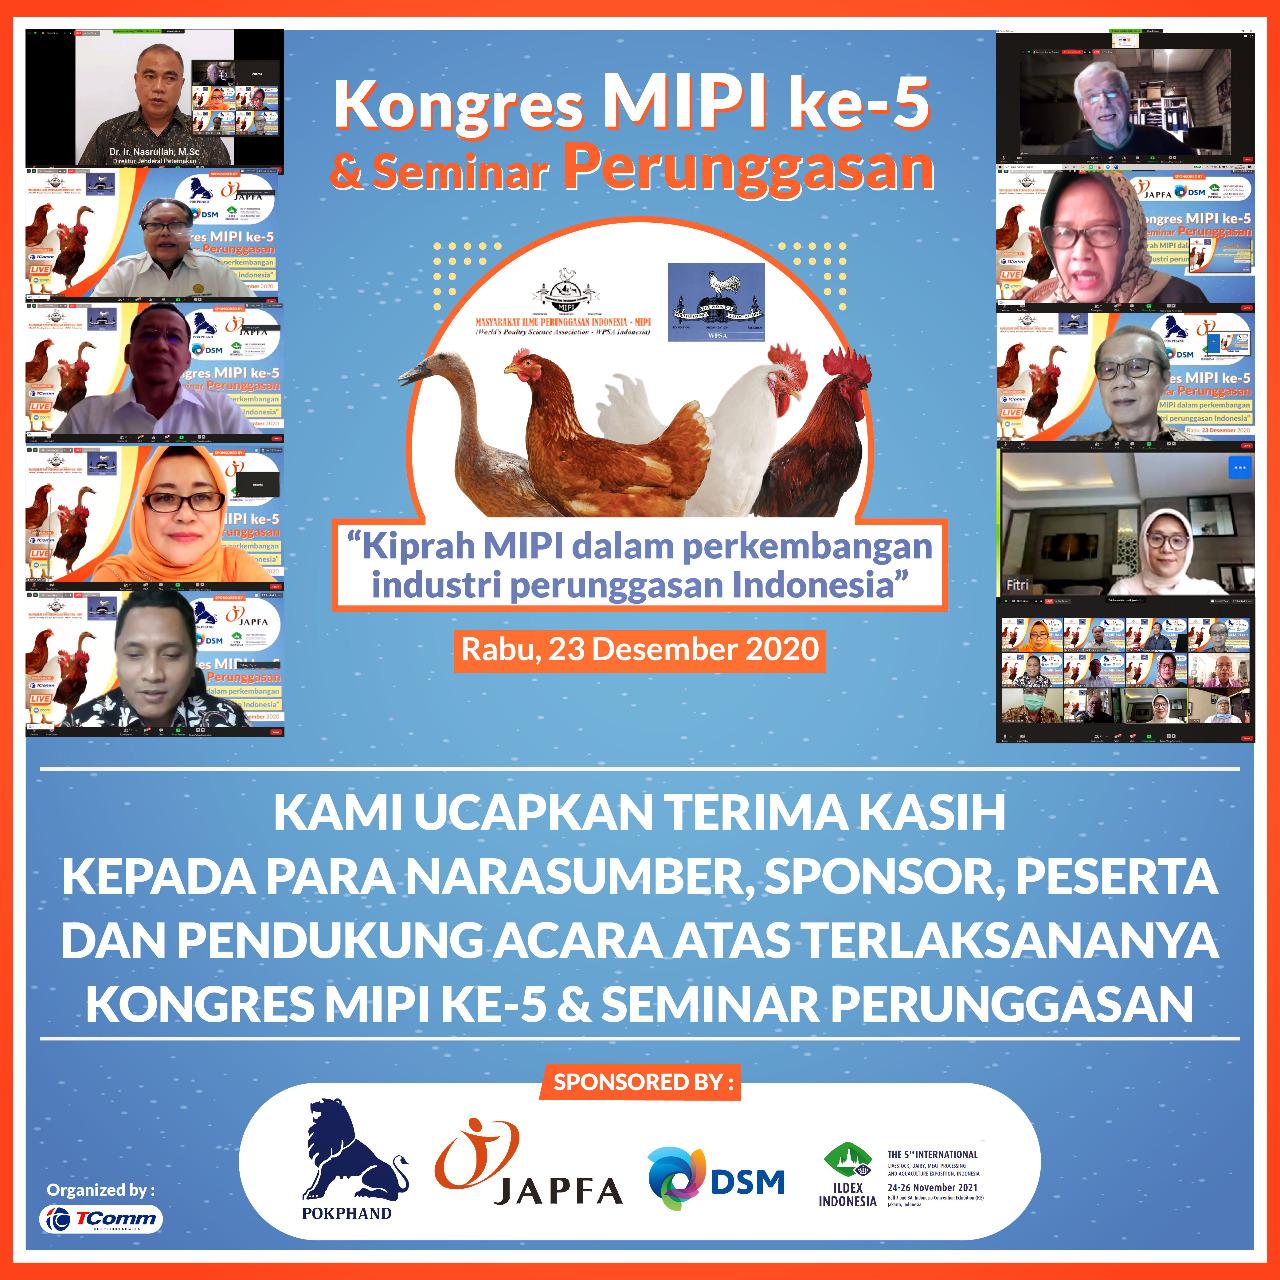 Kongres MIPI ke-5 dan Seminar Perunggasan